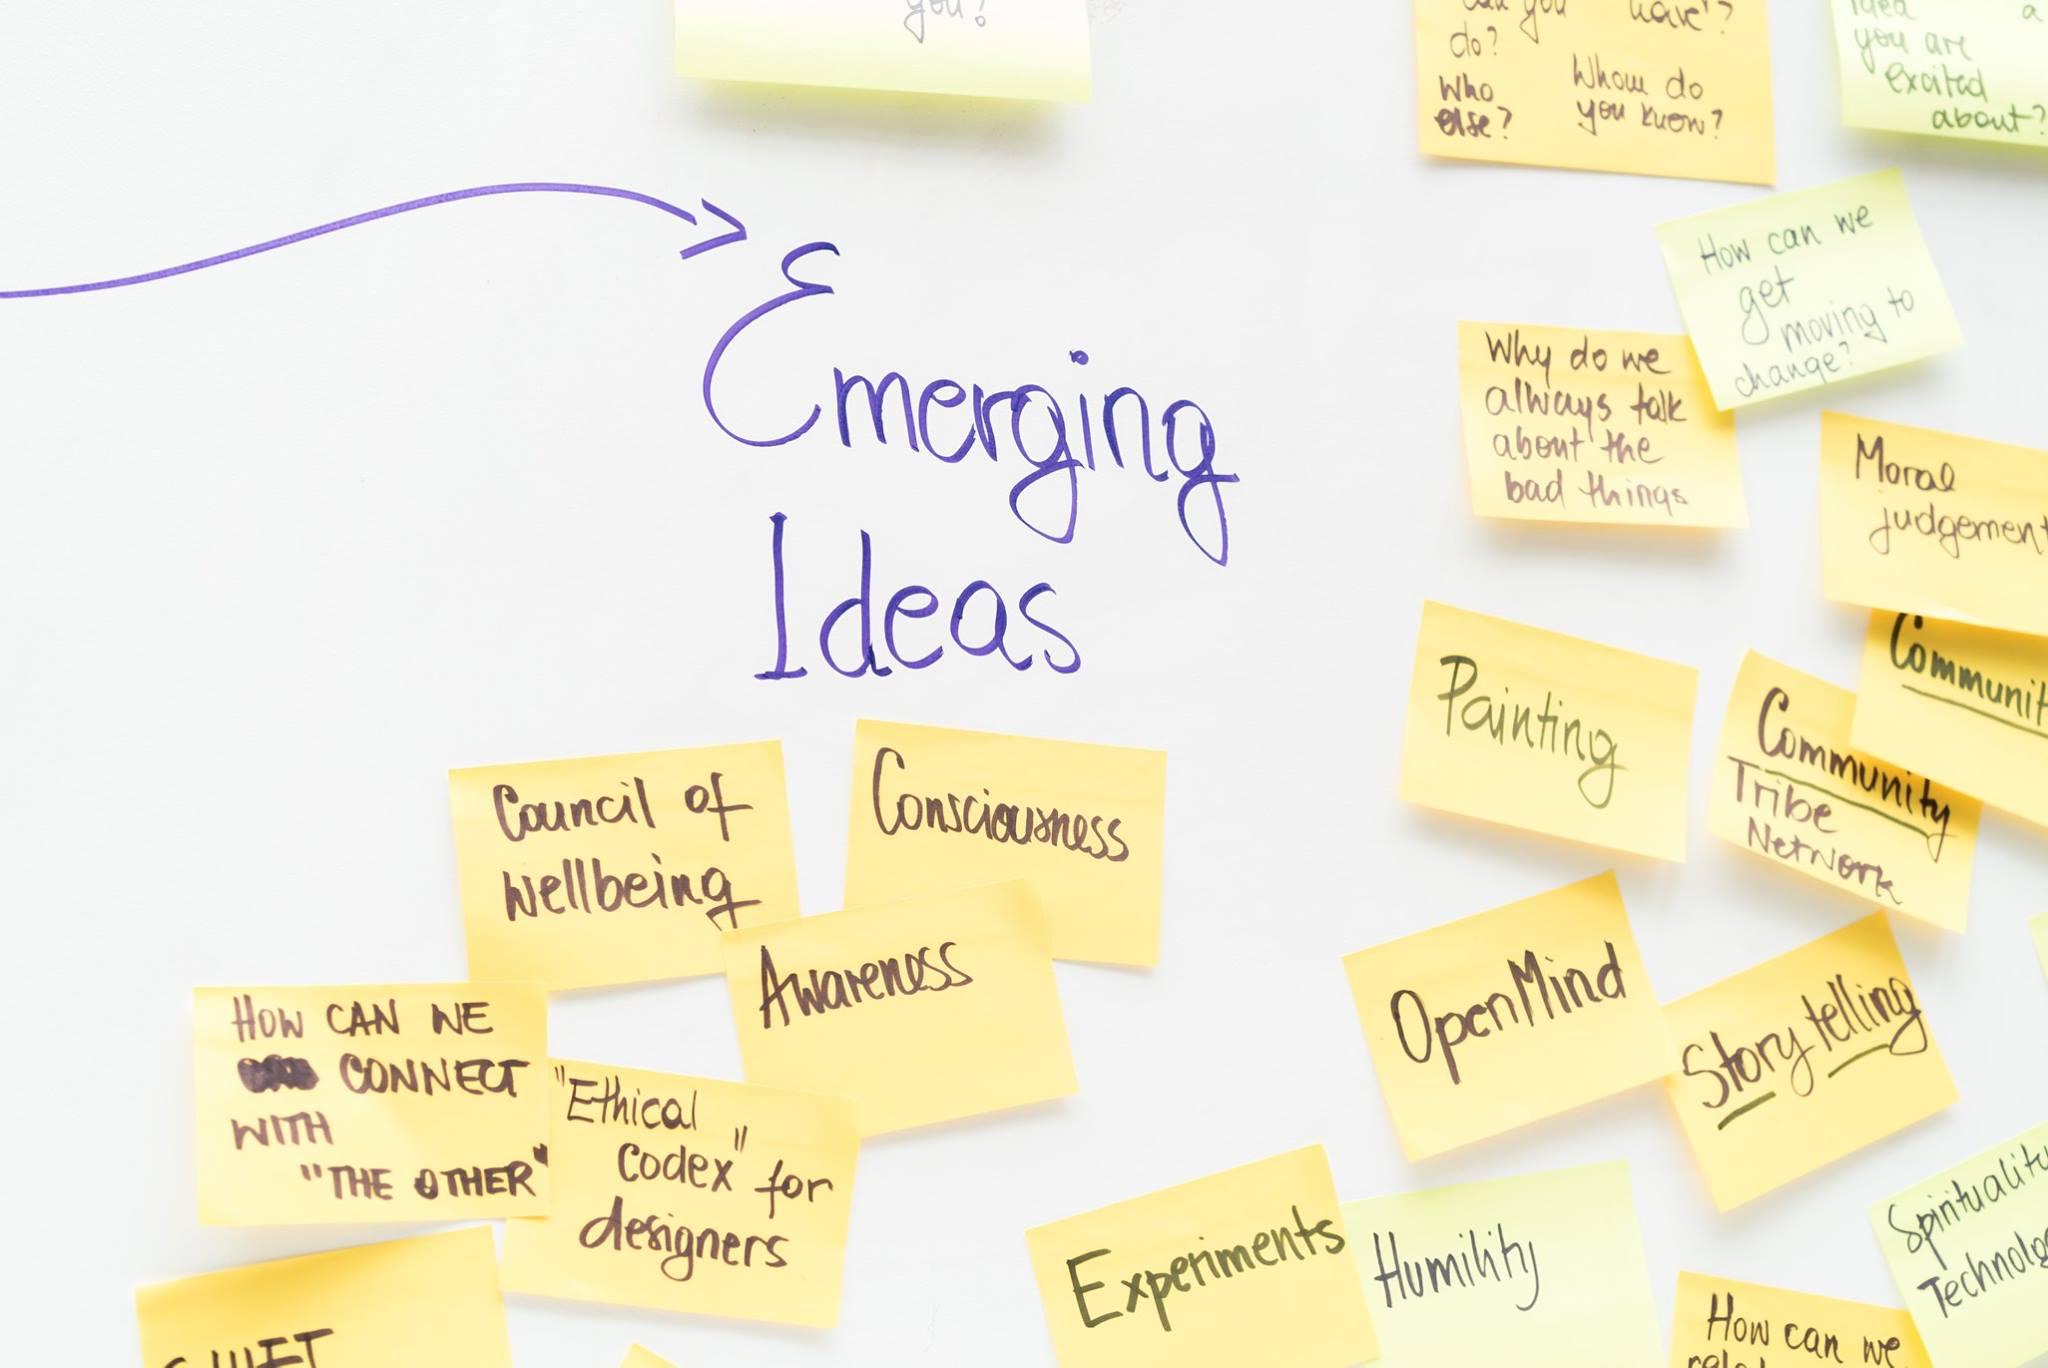 Wer die Welt verändern will, muss Bewusstsein schaffen © Impact HUB Vienna